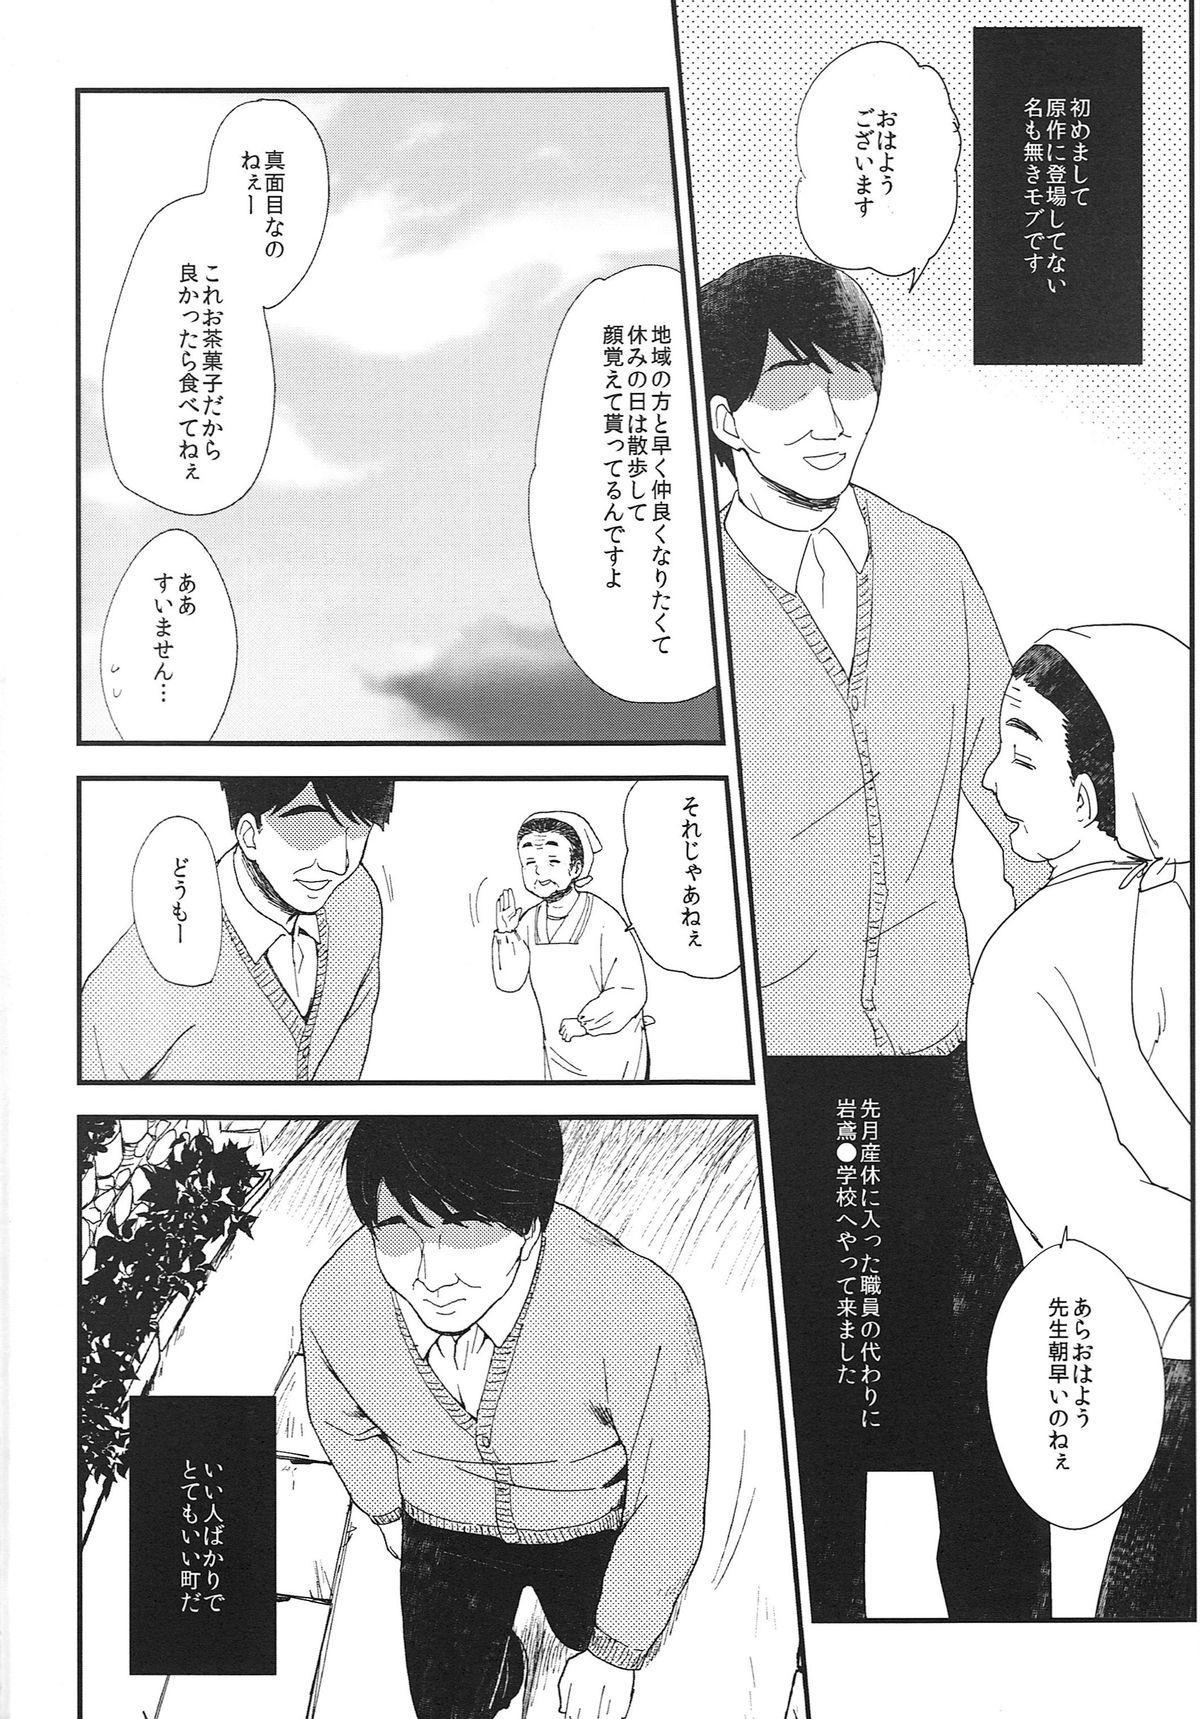 Onii-chan ni Naritakunai Yamai 4